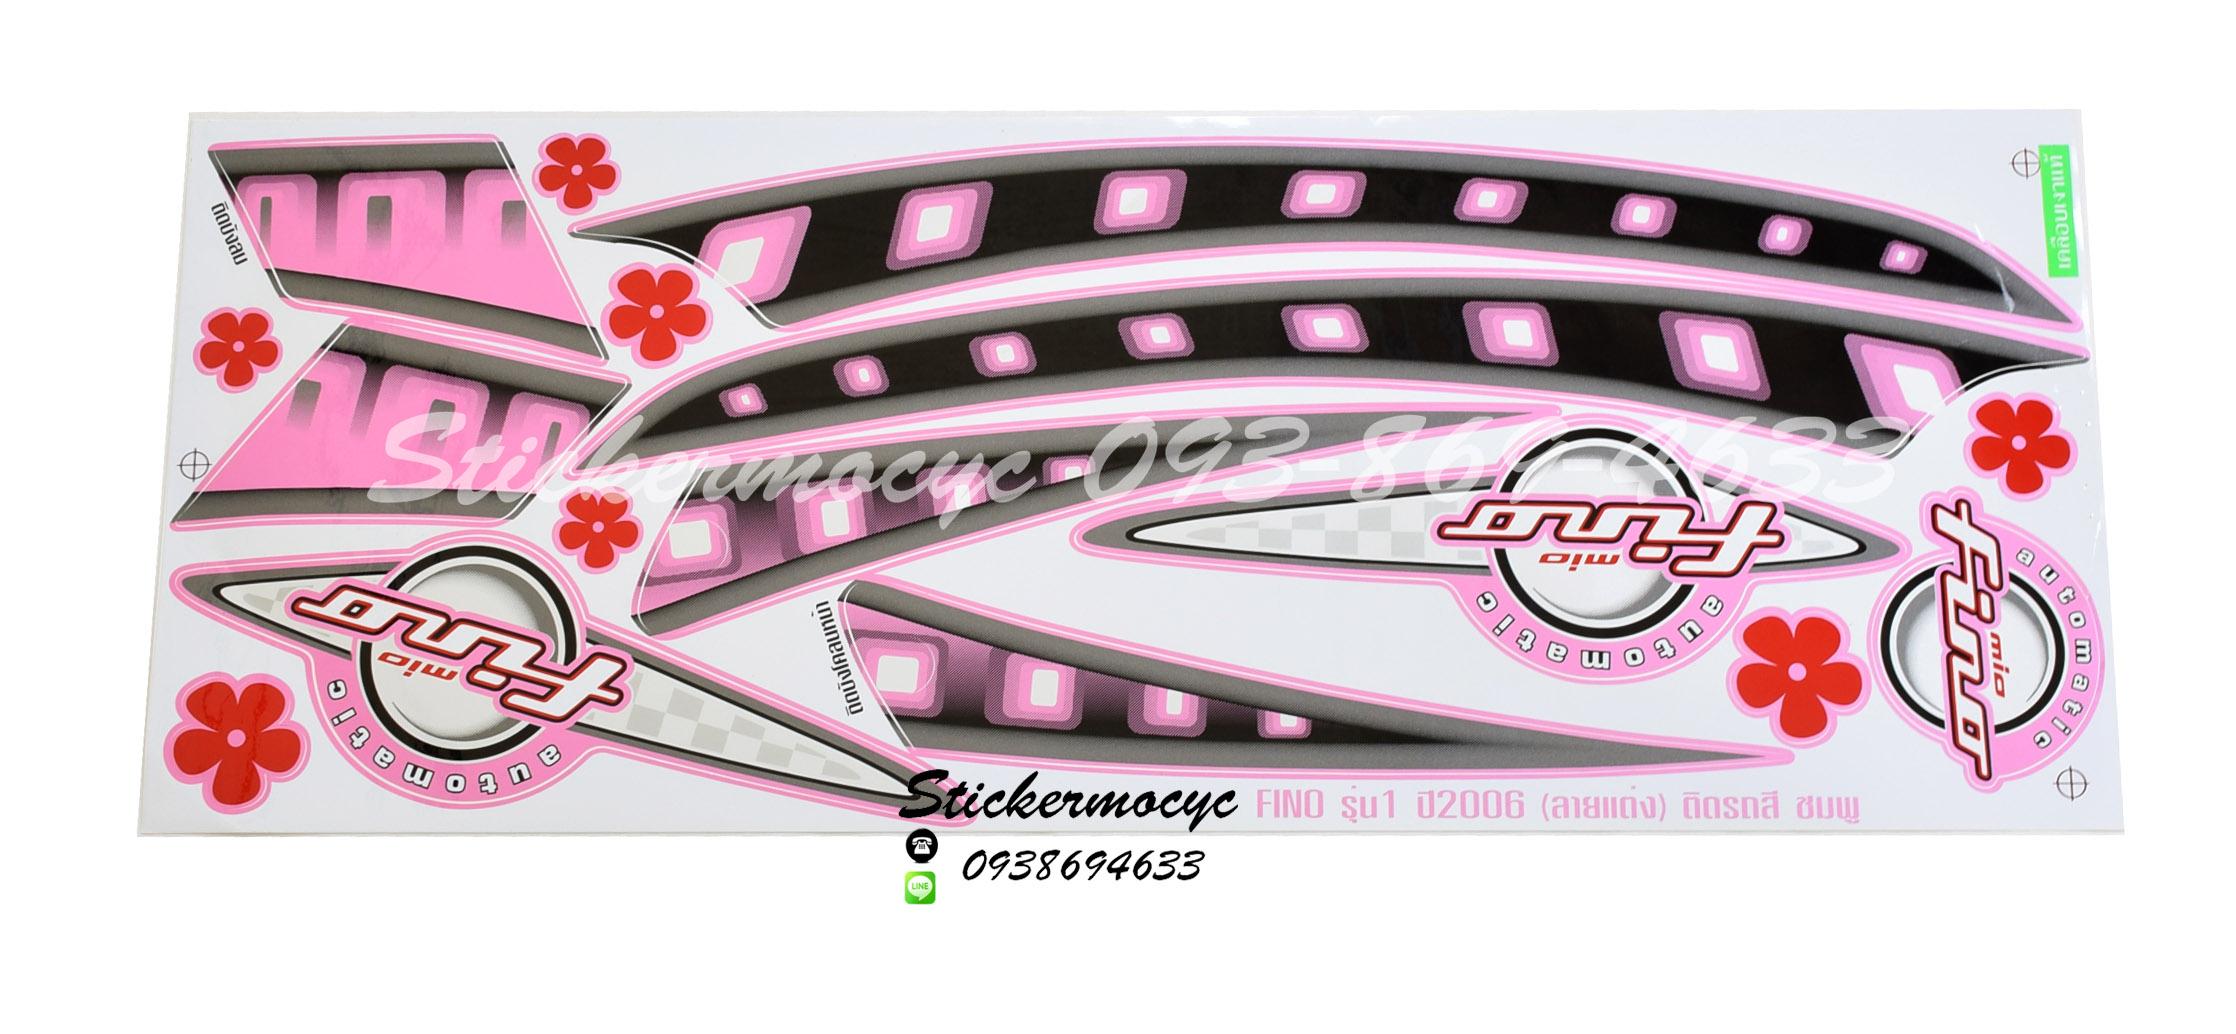 สติ๊กเกอร์ติดรถ มอเตอร์ไซค์ ยามาฮ่า ฟีโน่ Sticker Yamaha Fino ปี 2006 รุ่น 1 ติดรถ สีชมพู (เคลือบเงาแท้)